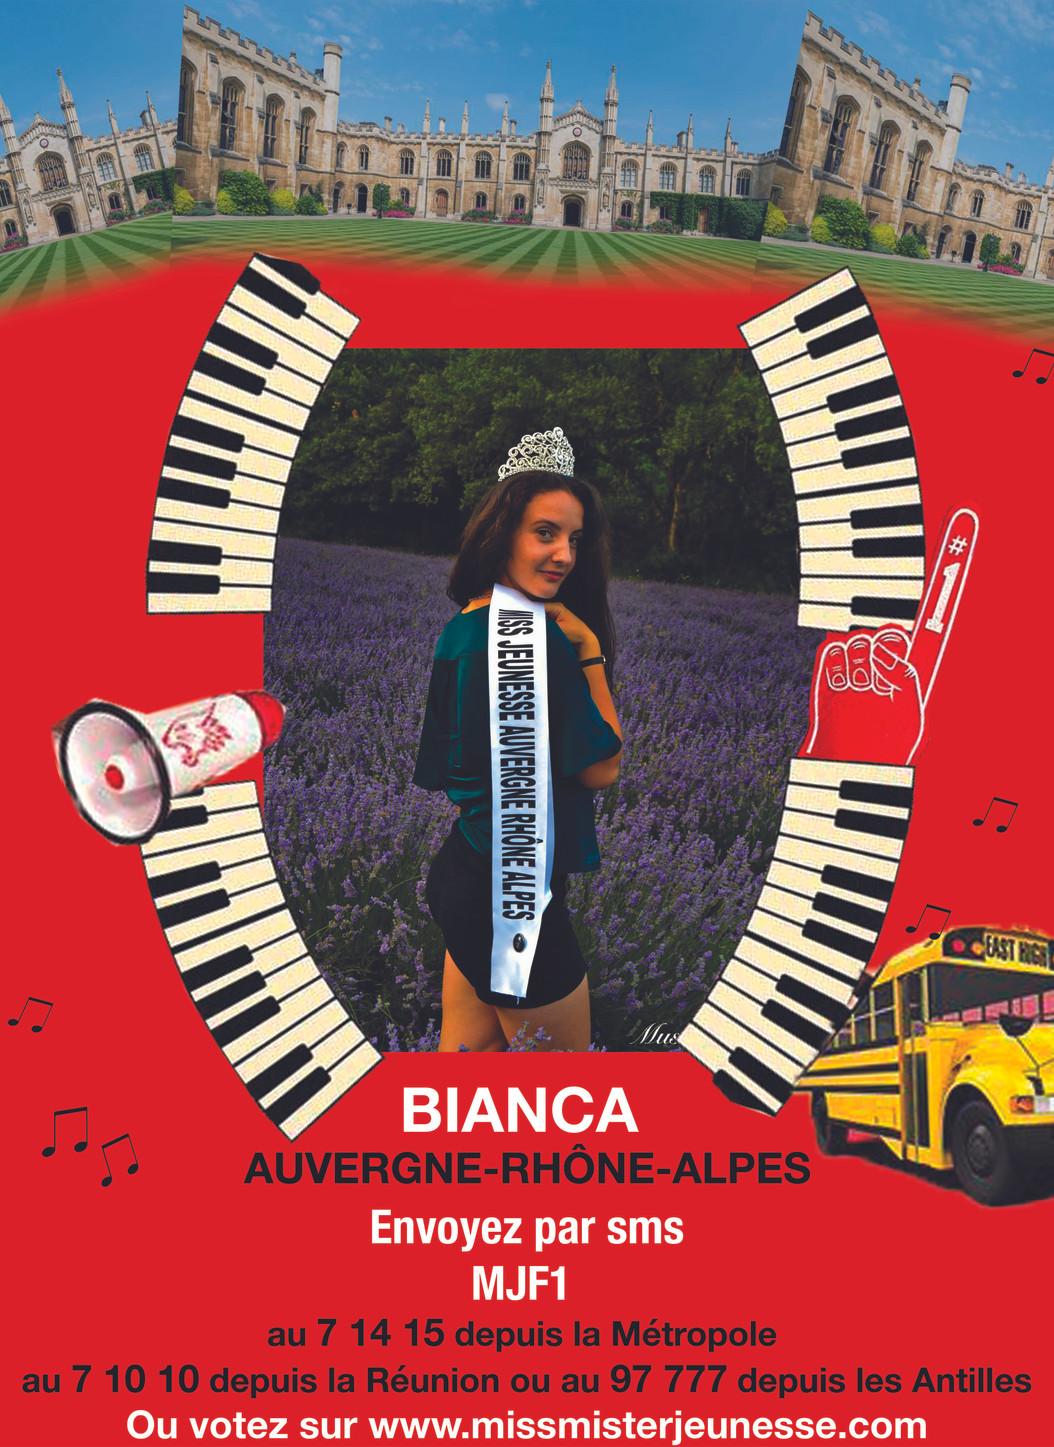 1 FICHE BIANCA.jpg